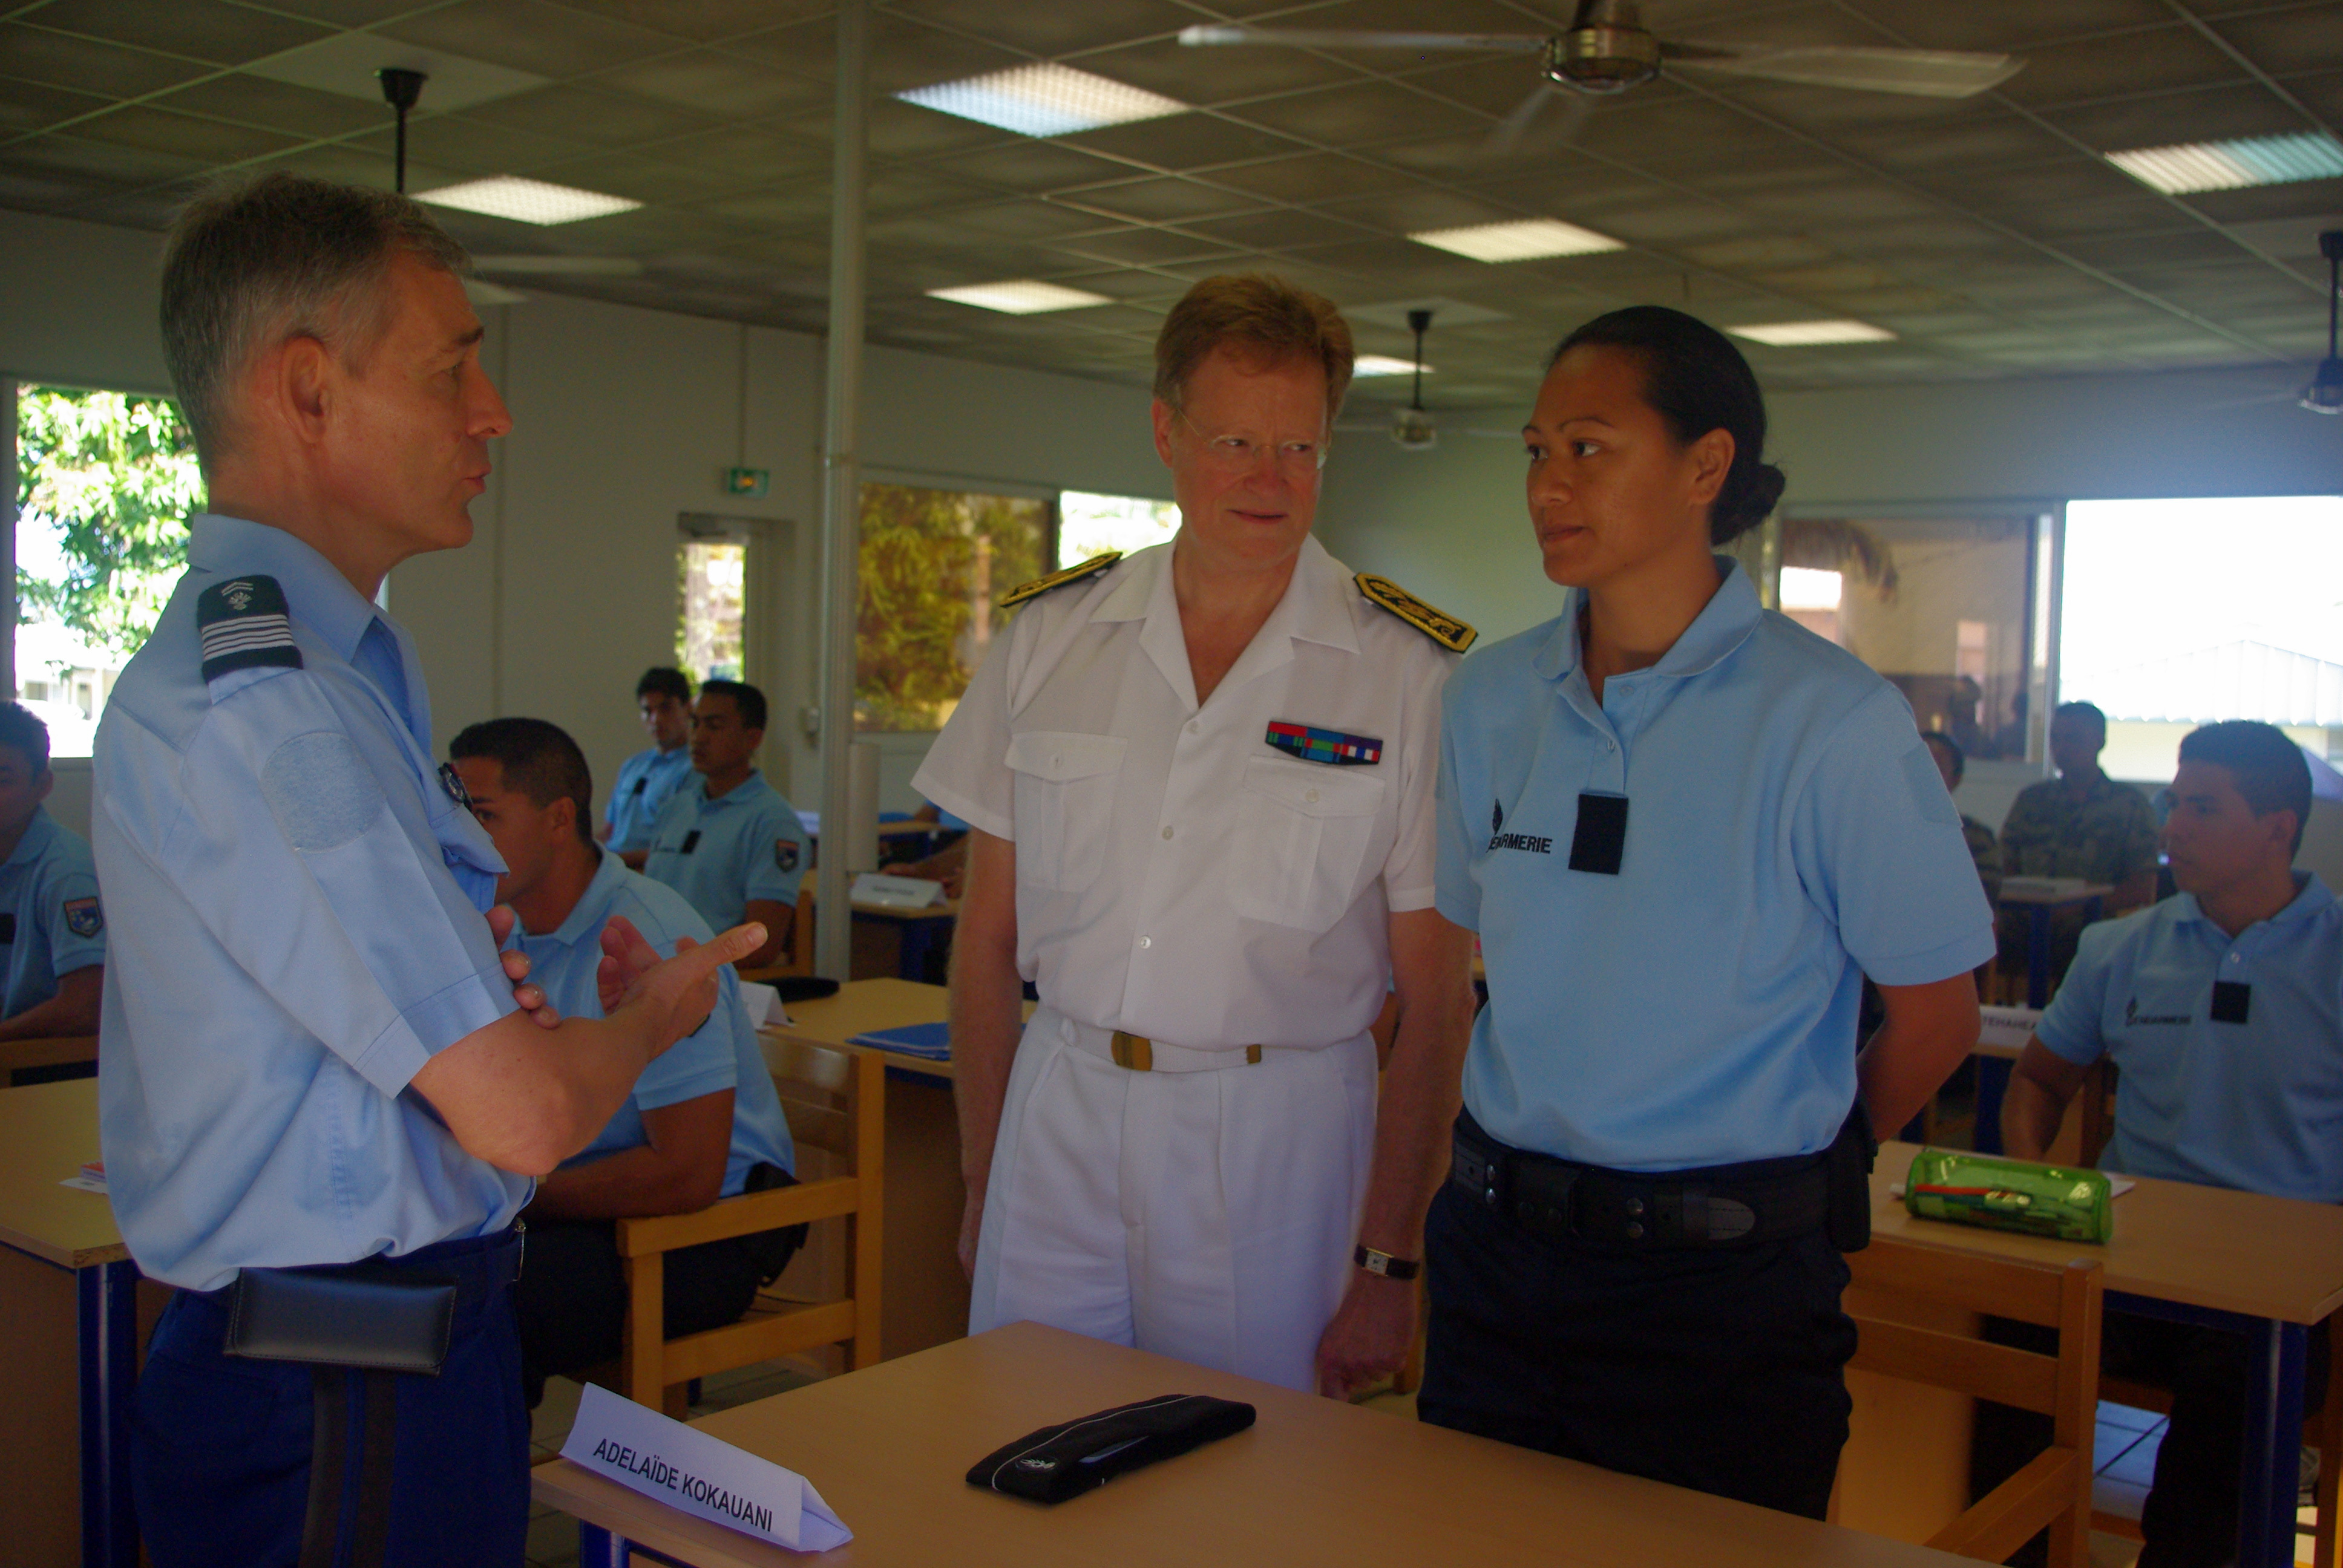 Vingt-cinq nouveaux réservistes pour la gendarmerie